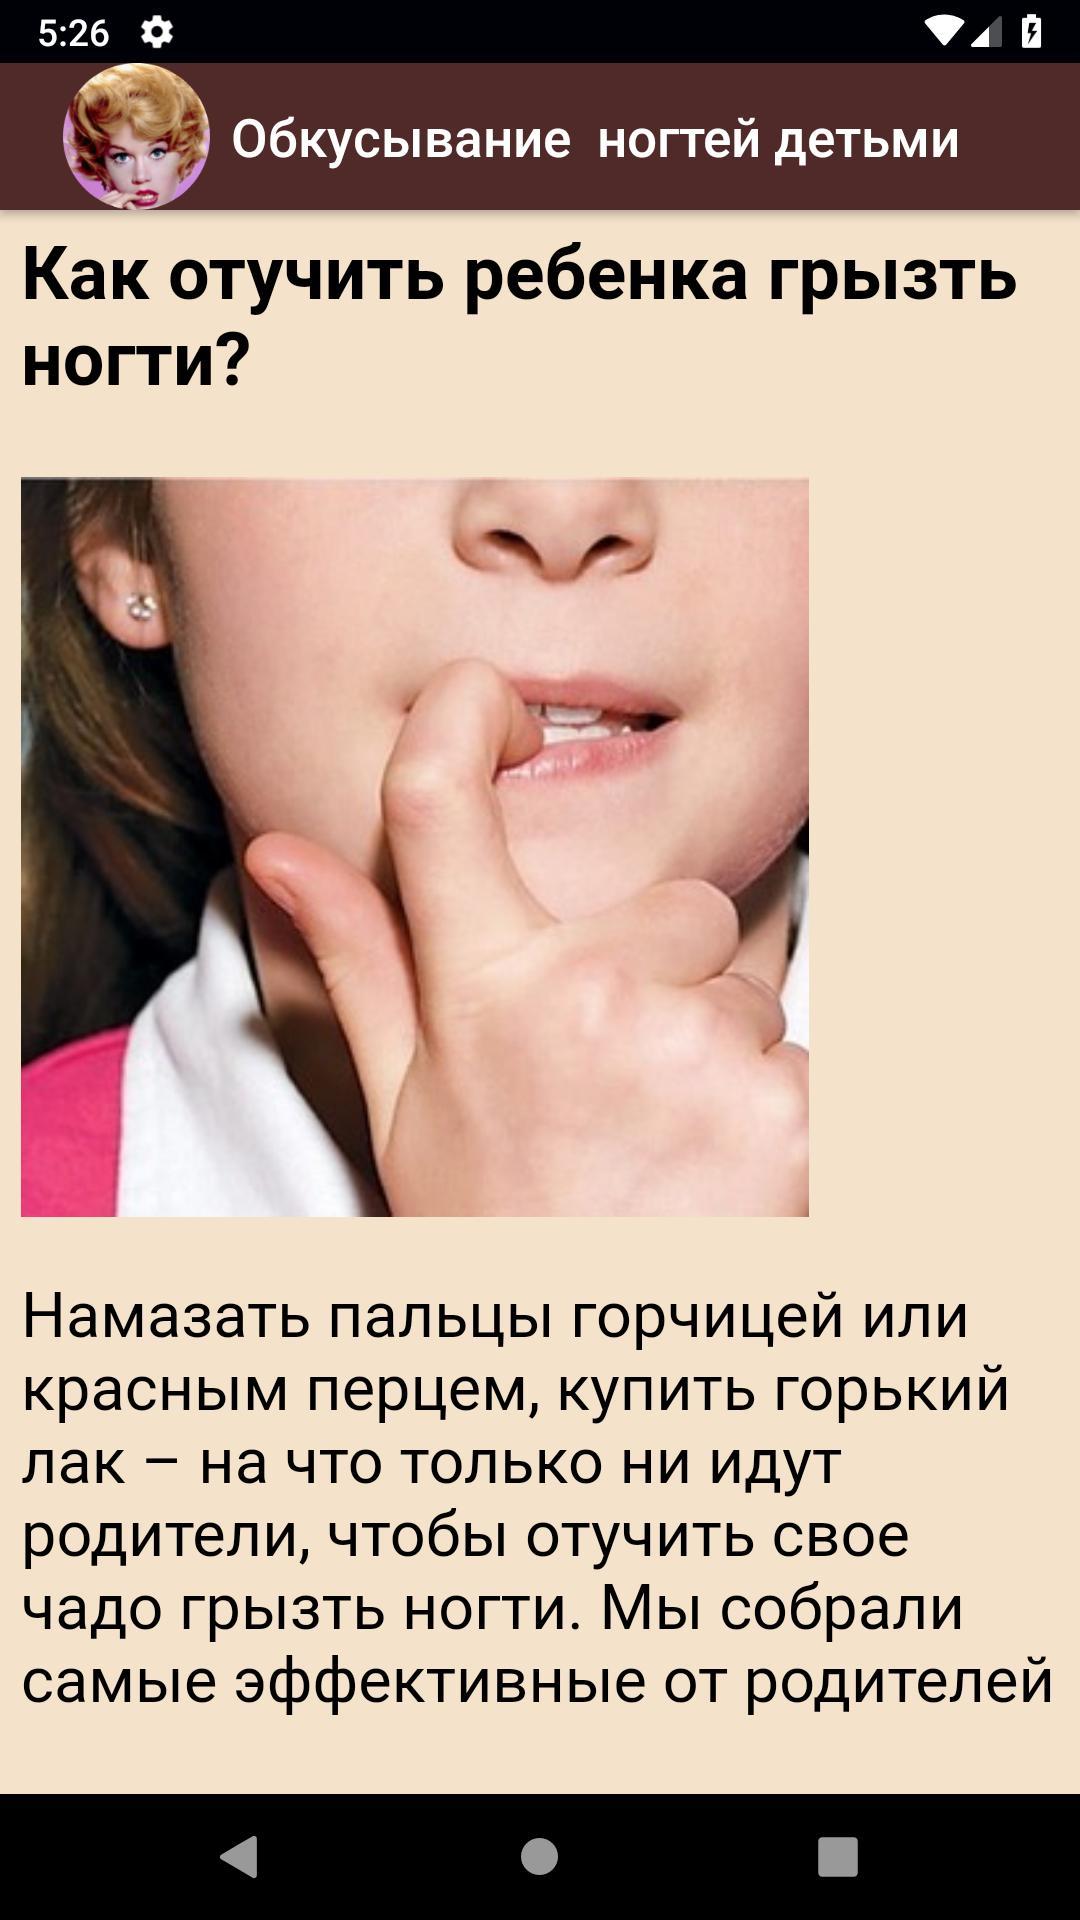 Ребёнок грызёт ногти как отучить и причины что делать советы психолога фото